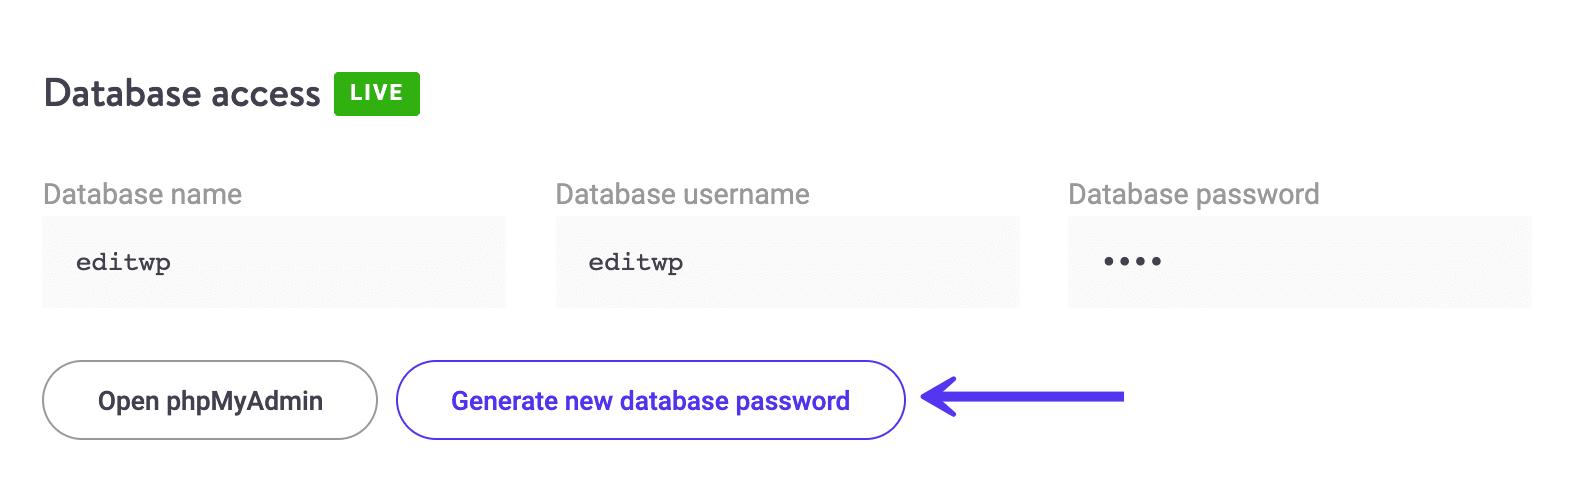 新しいデータベースパスワードの生成